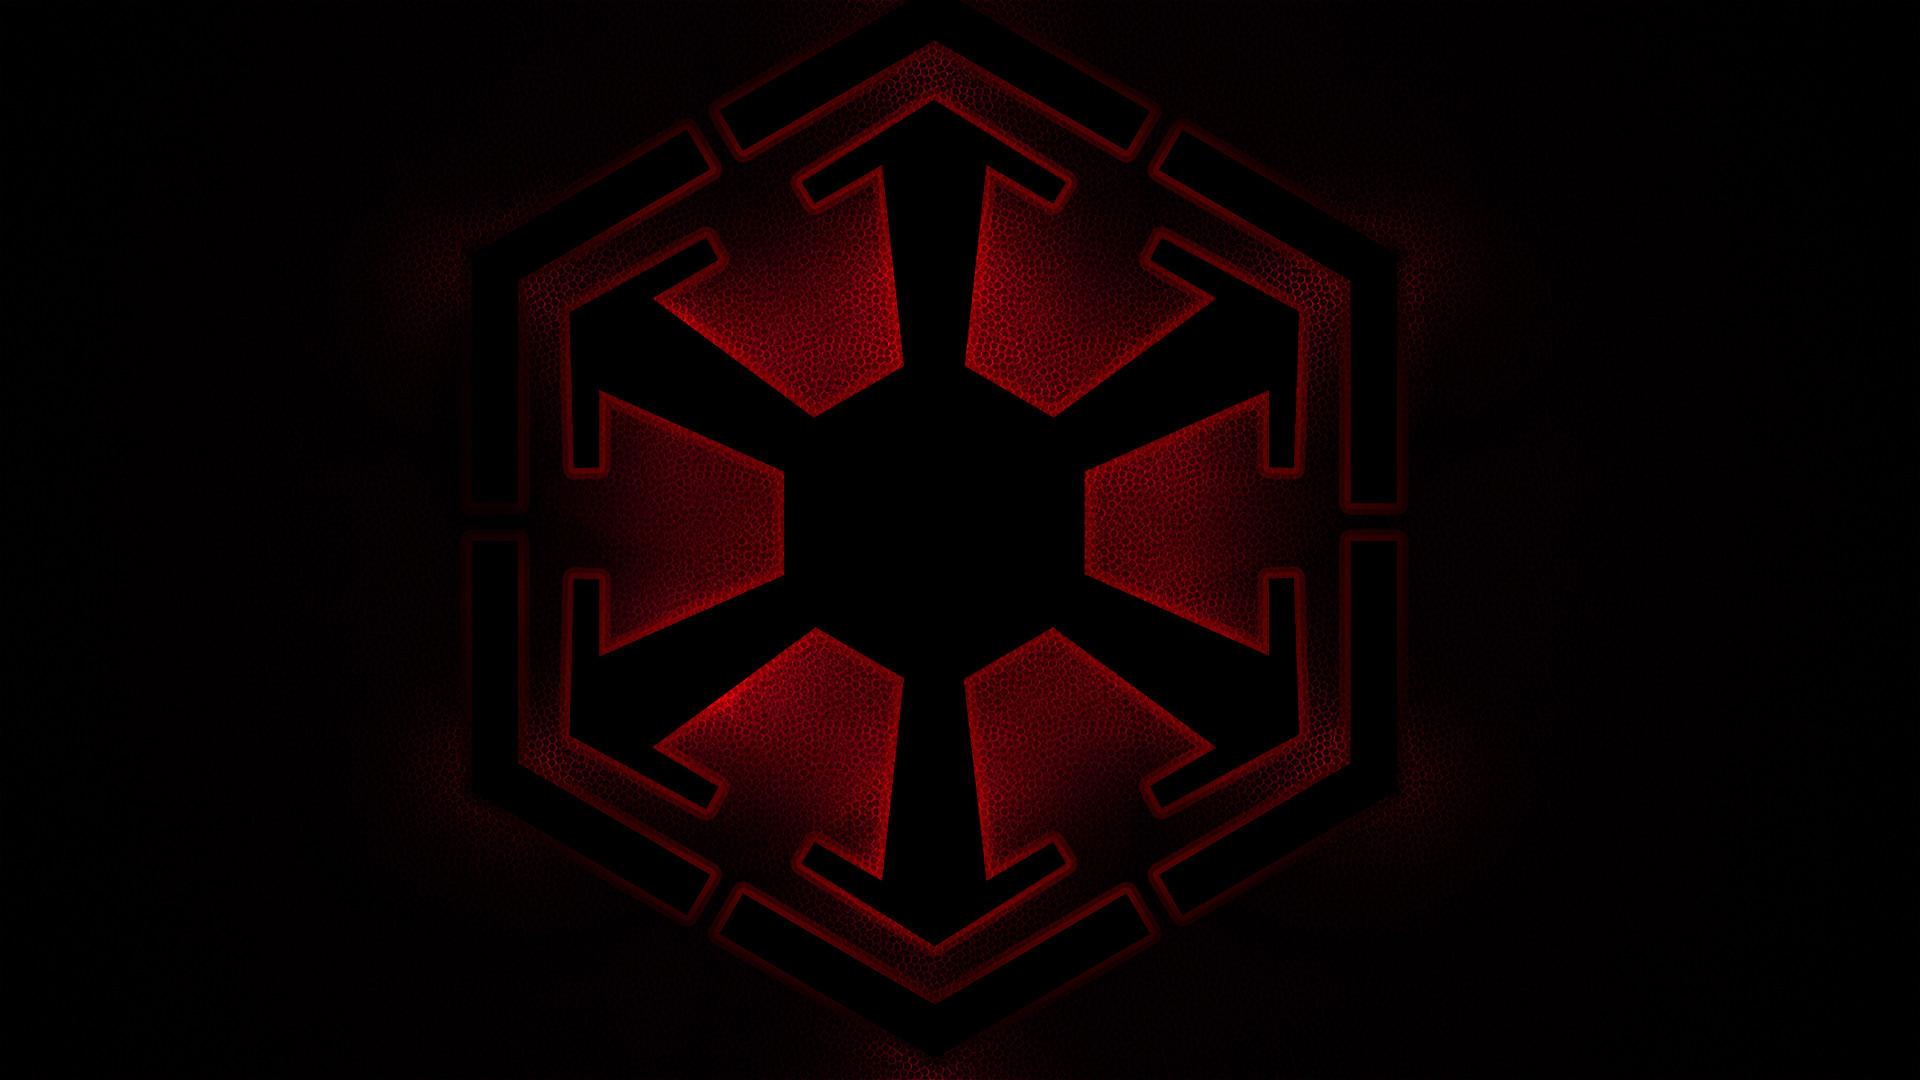 Res: 1920x1080, Star Wars Sith Wallpaper Full Hd